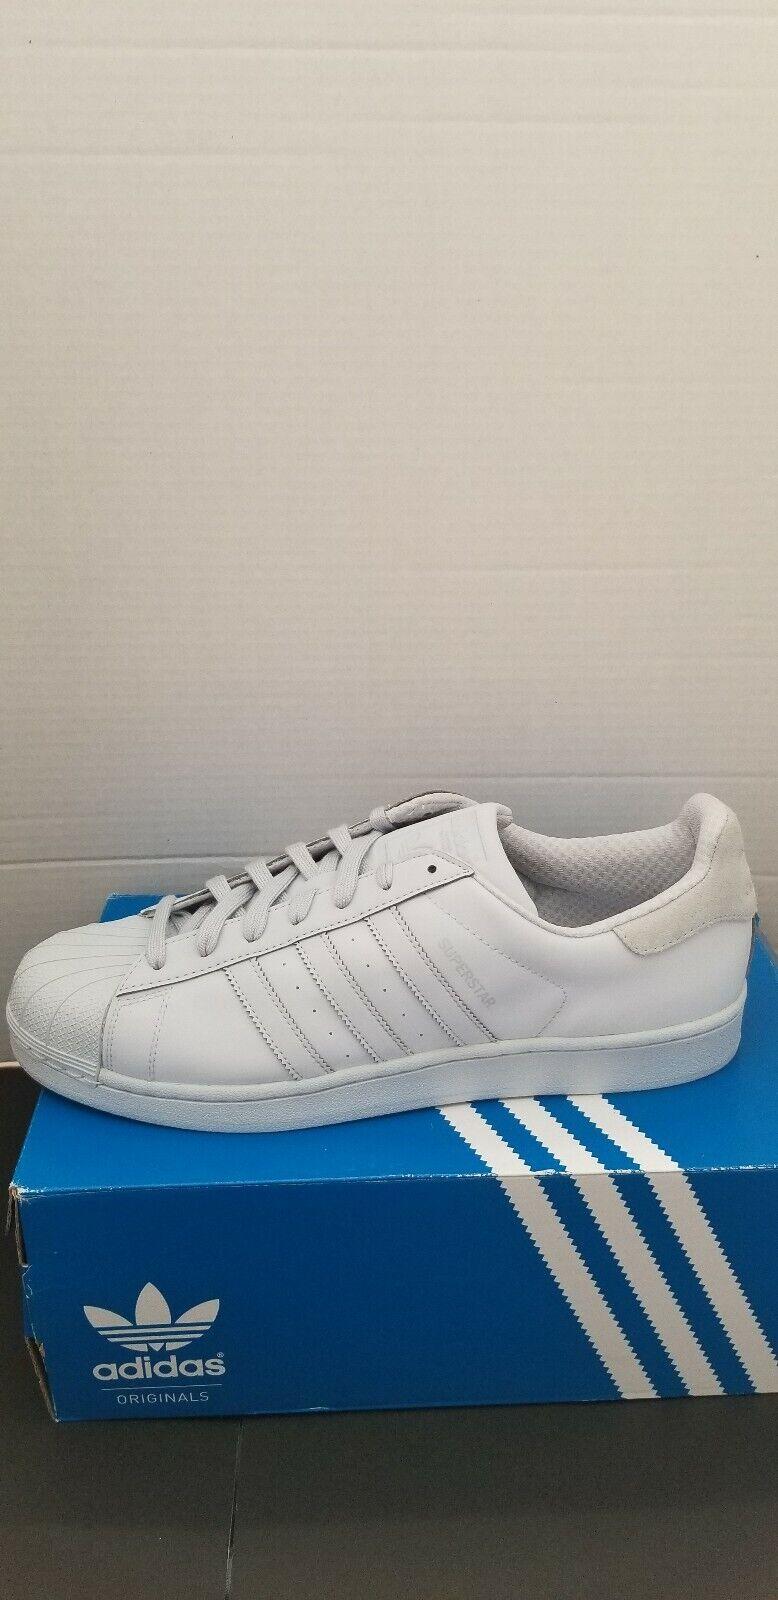 Men Adidas Superstar Adicolor Originals Size 12 (New in the box) S80329